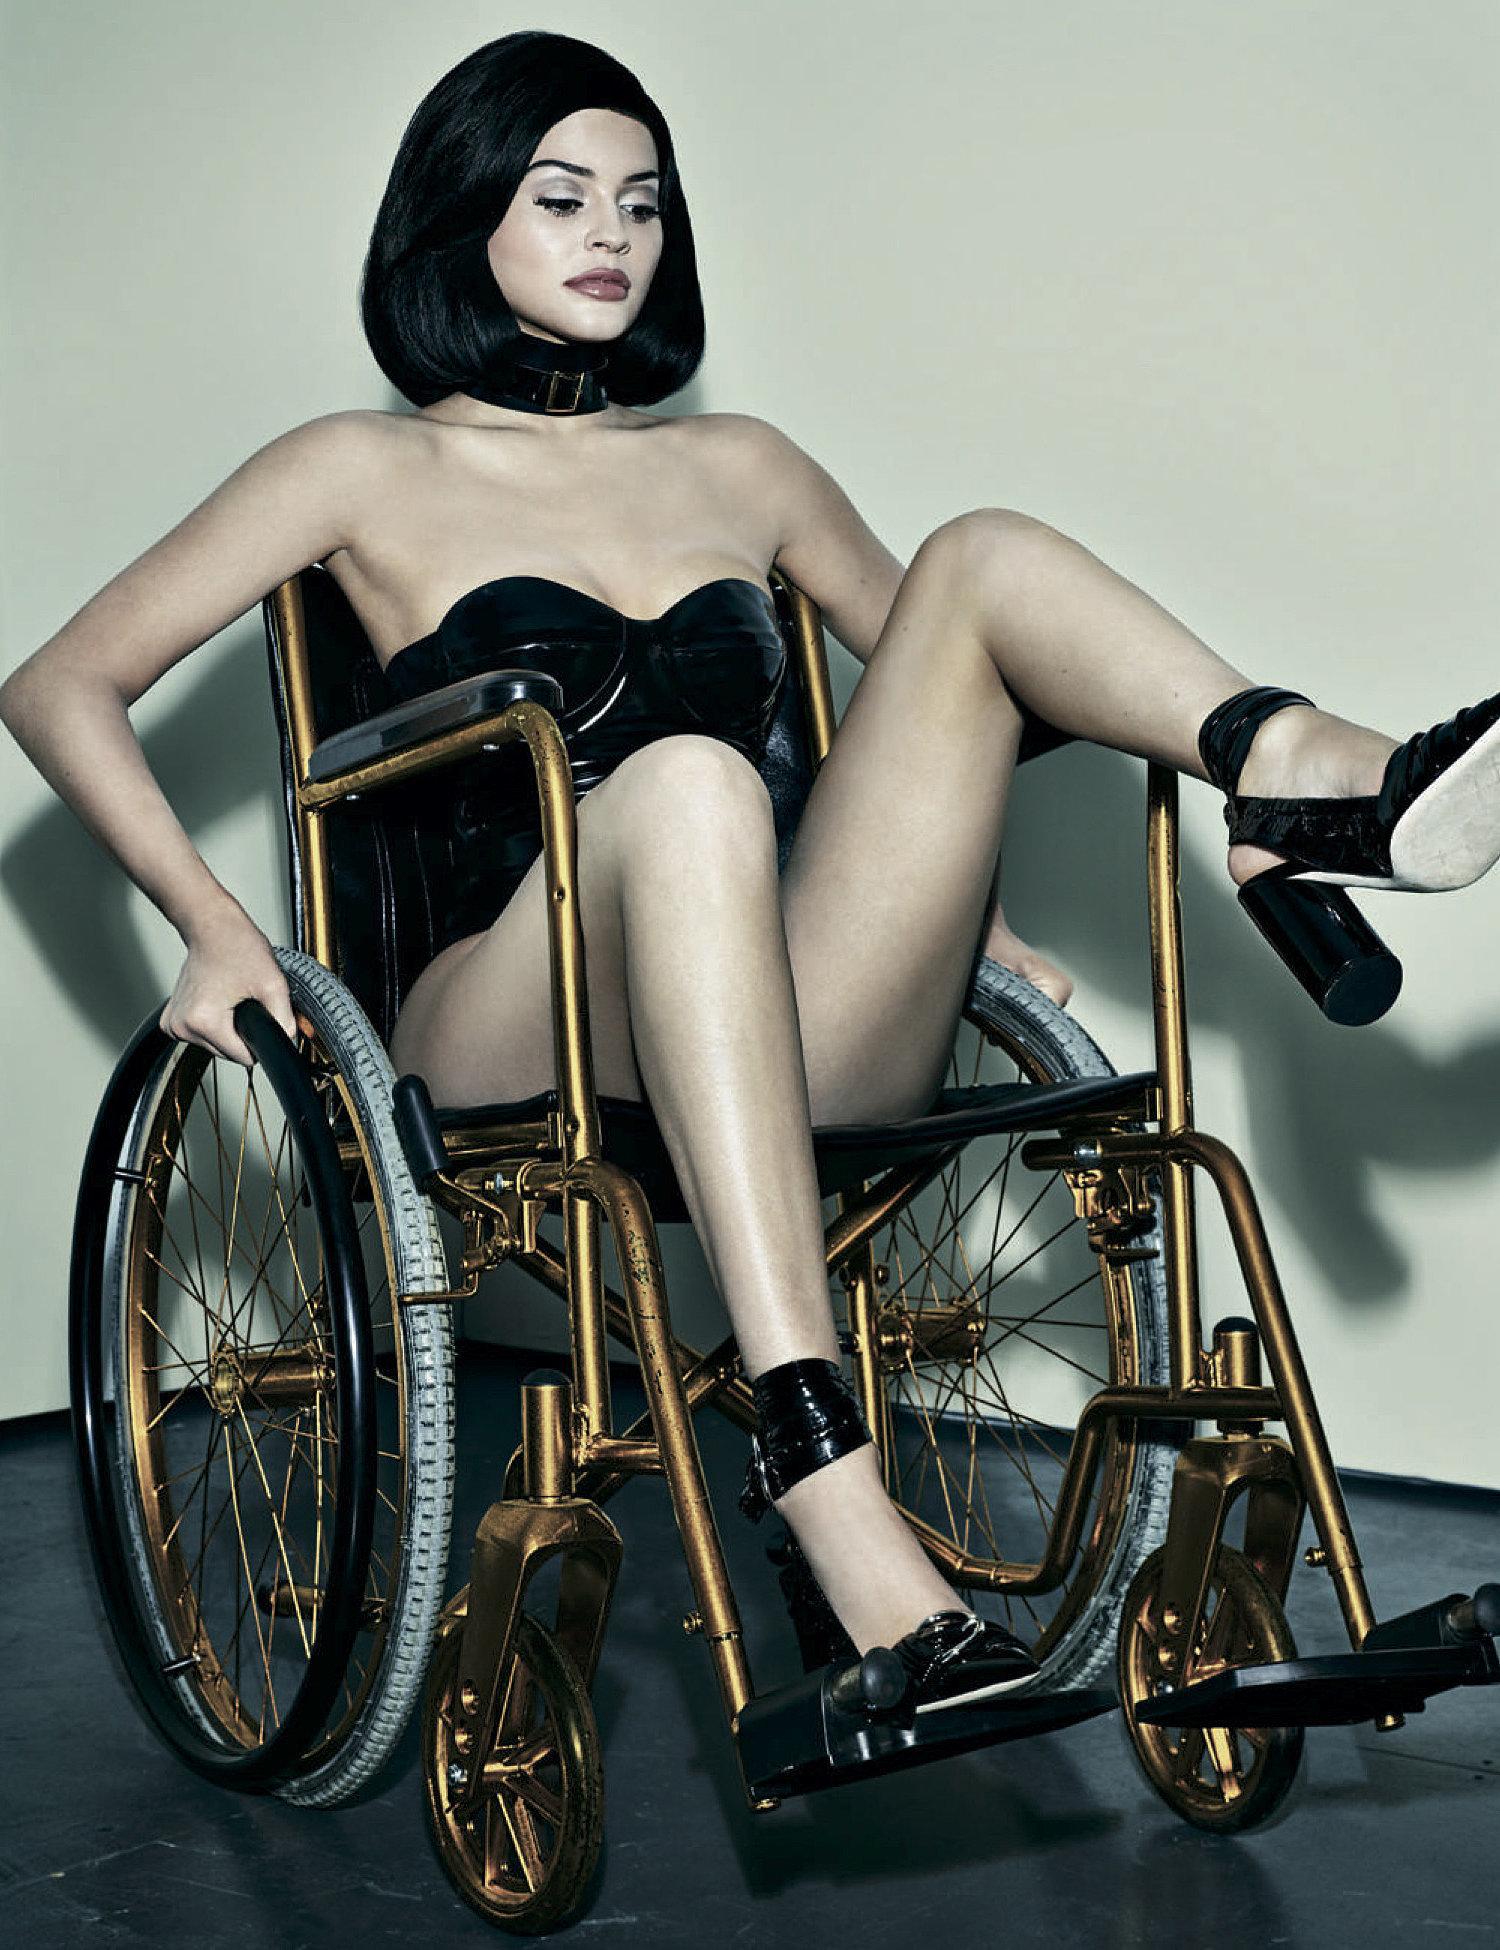 Секс с инвалидное девочки 8 фотография